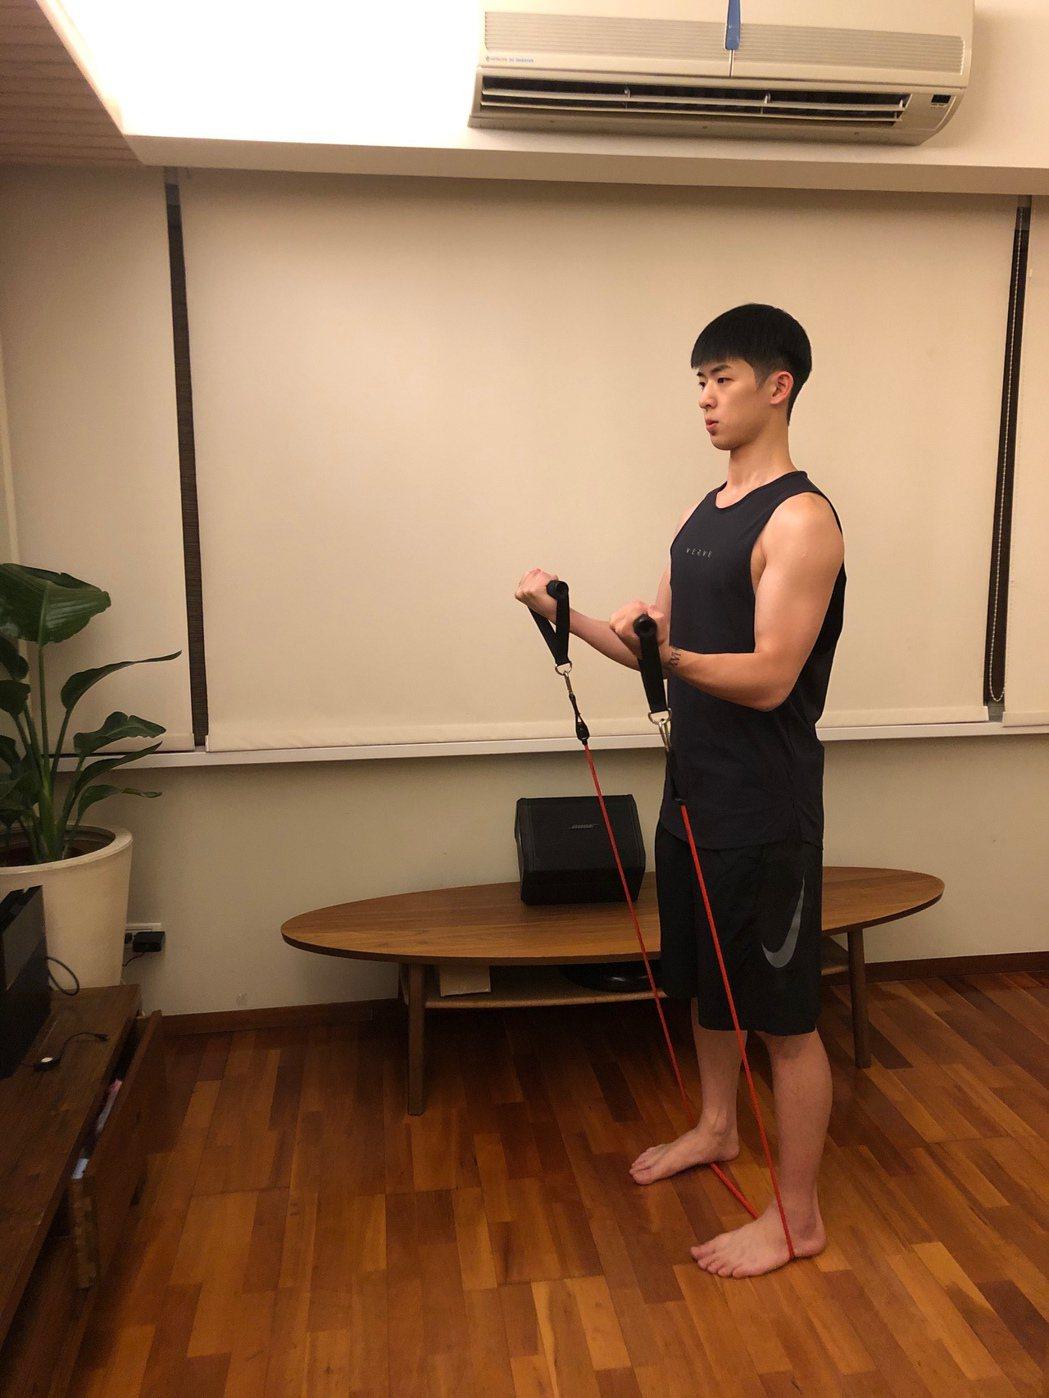 林亭翰買器材宅在家,每日自操3小時。圖/青田音樂提供